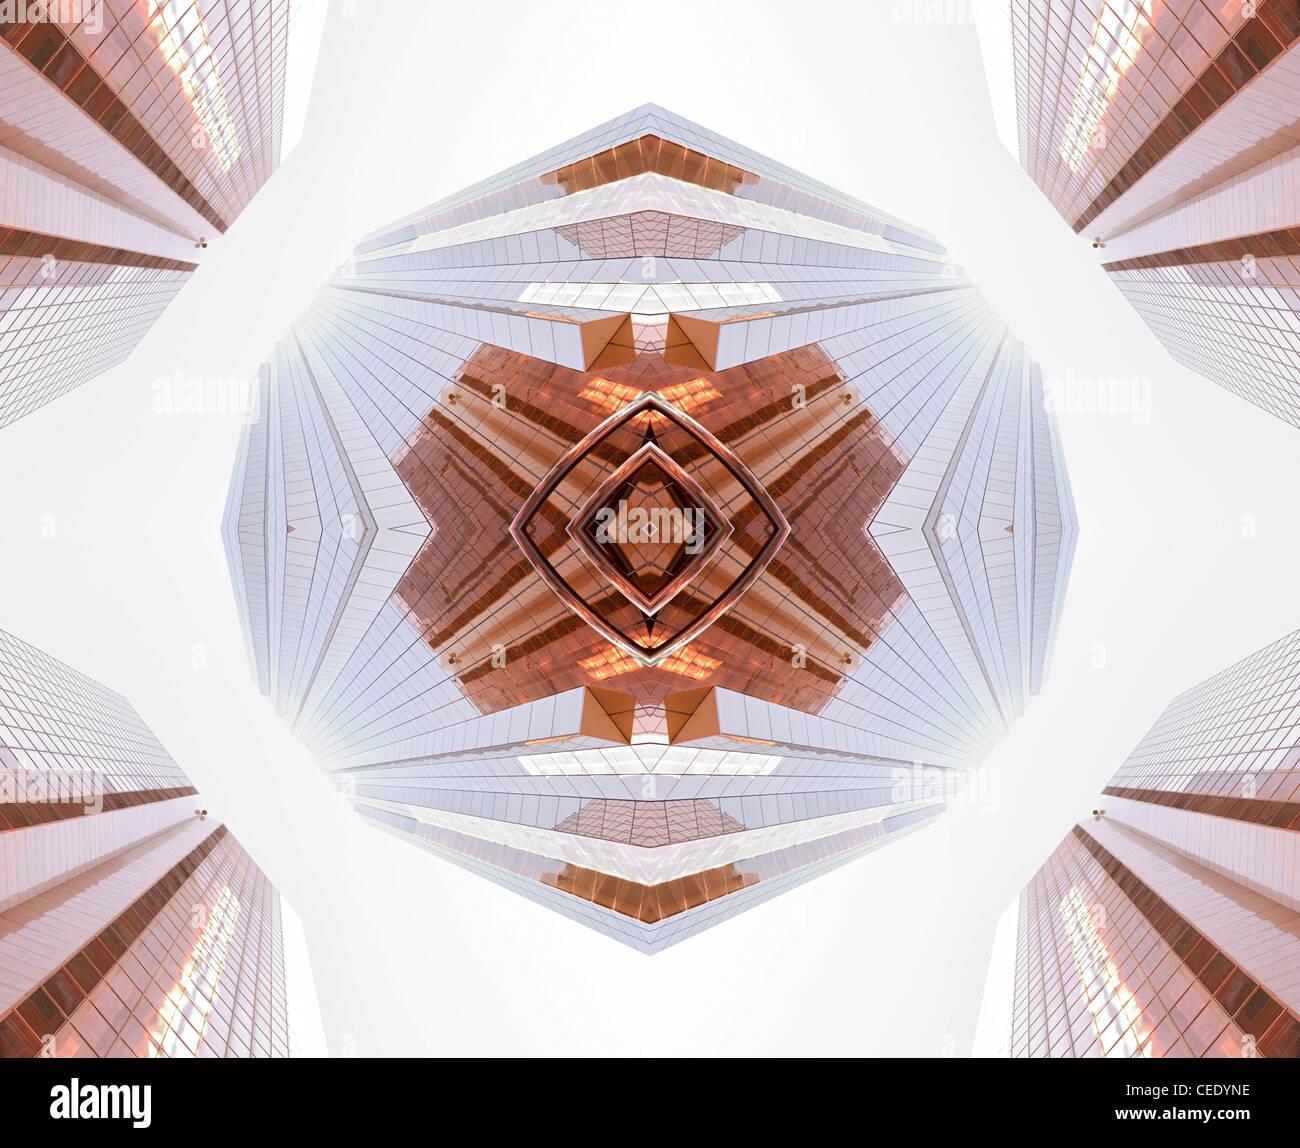 Résumé de l'architecture Photo Stock